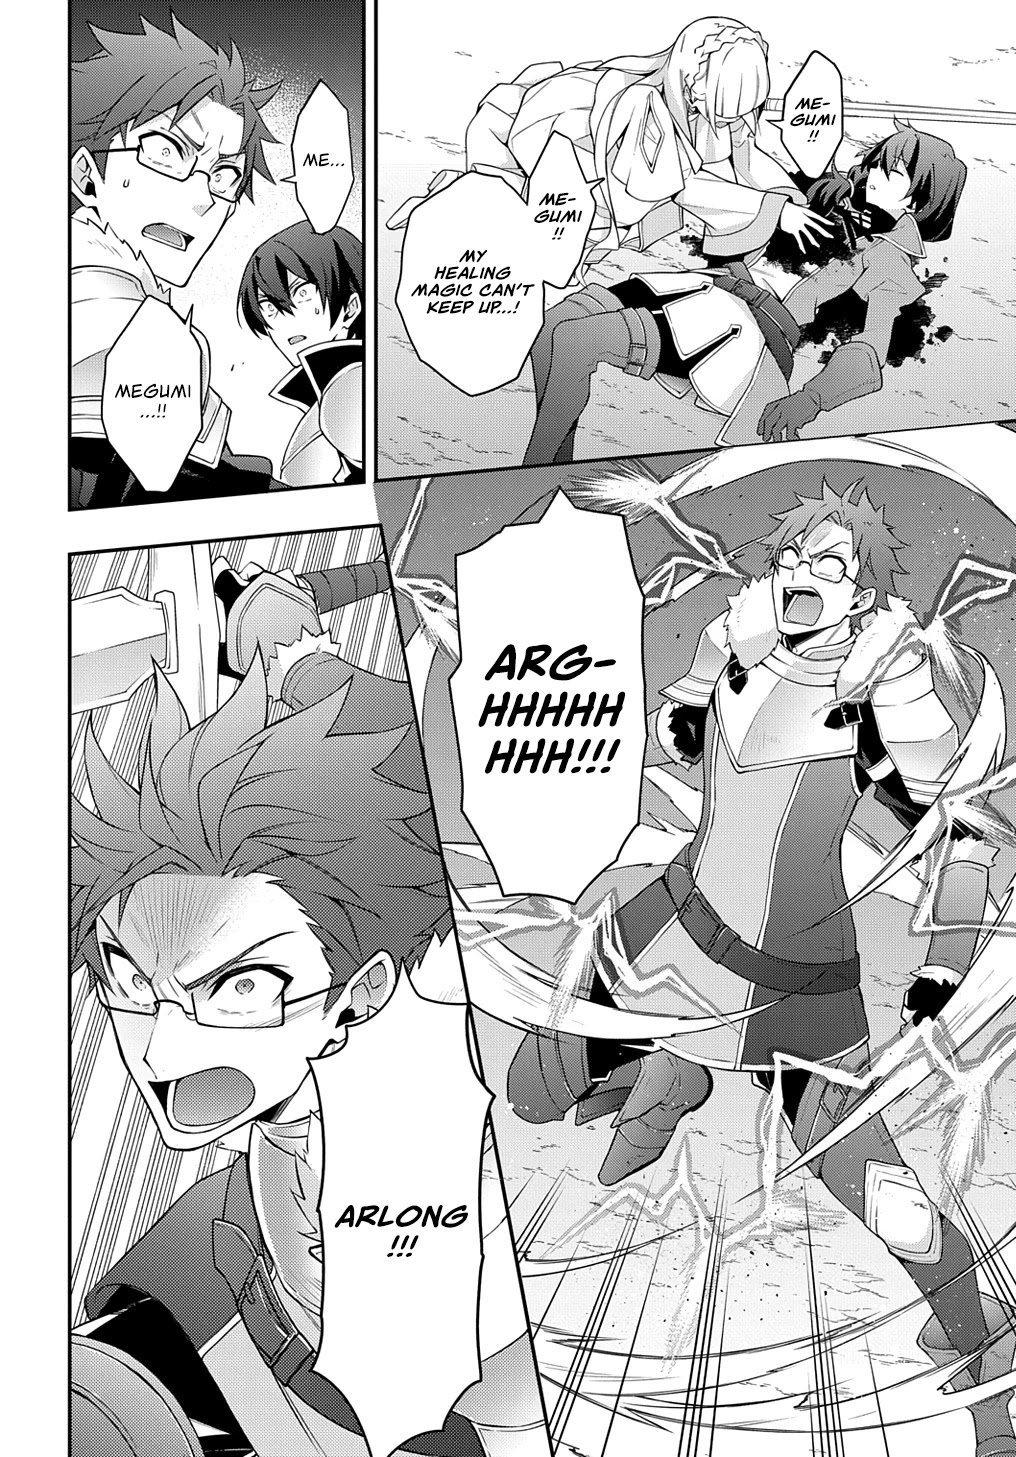 Manga Tensei Kizoku no Isekai Boukenroku ~Jichou wo Shiranai Kamigami no Shito~ - Chapter 26 Page 17